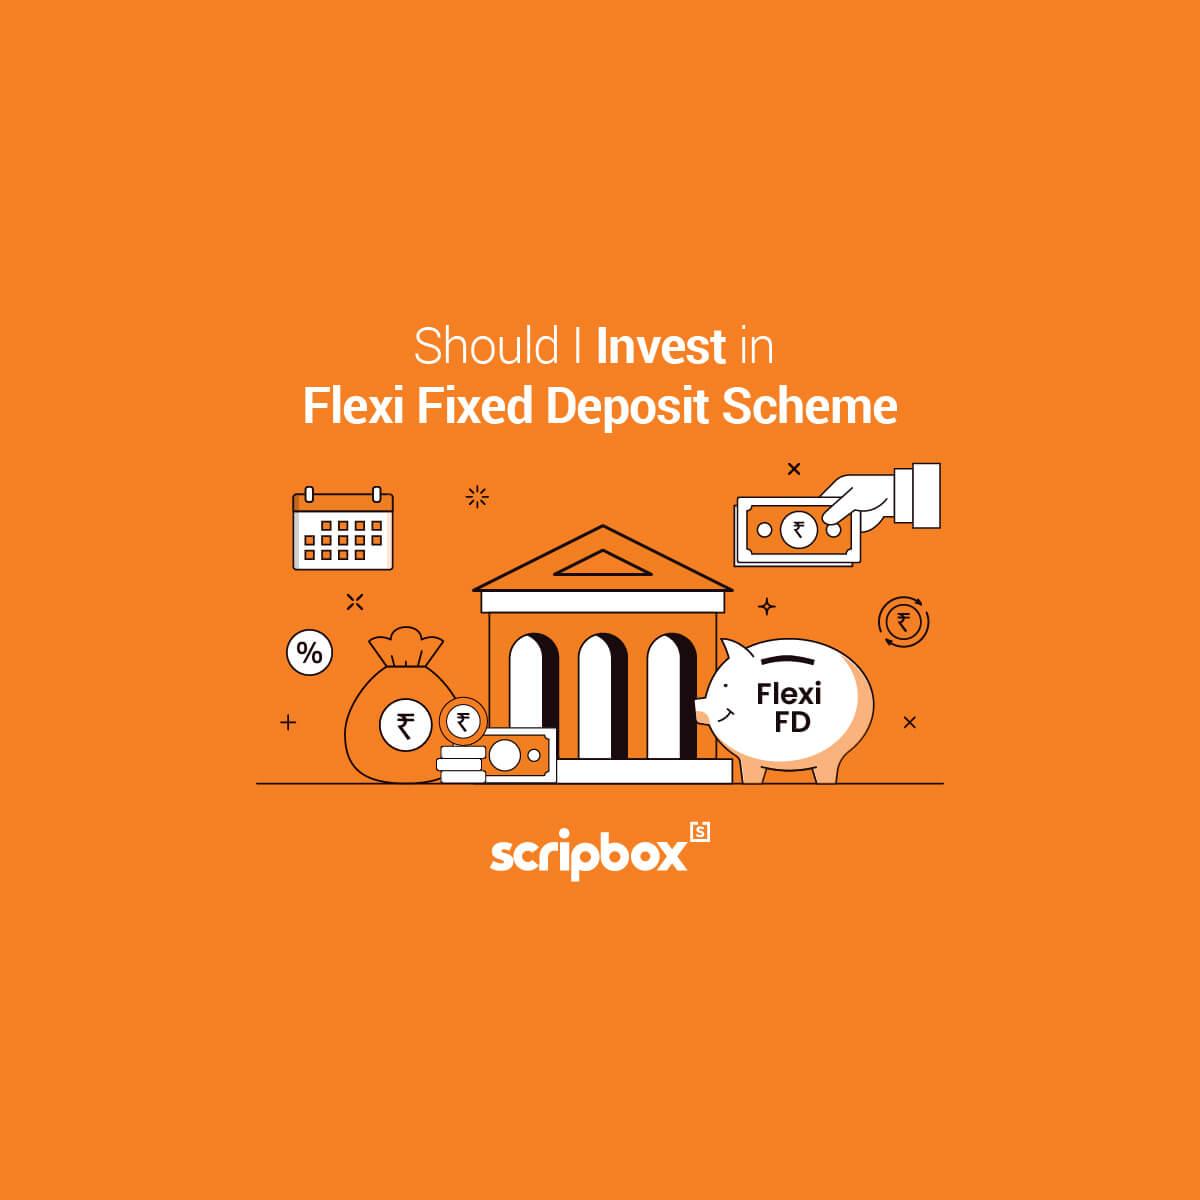 flexi fixed deposit scheme